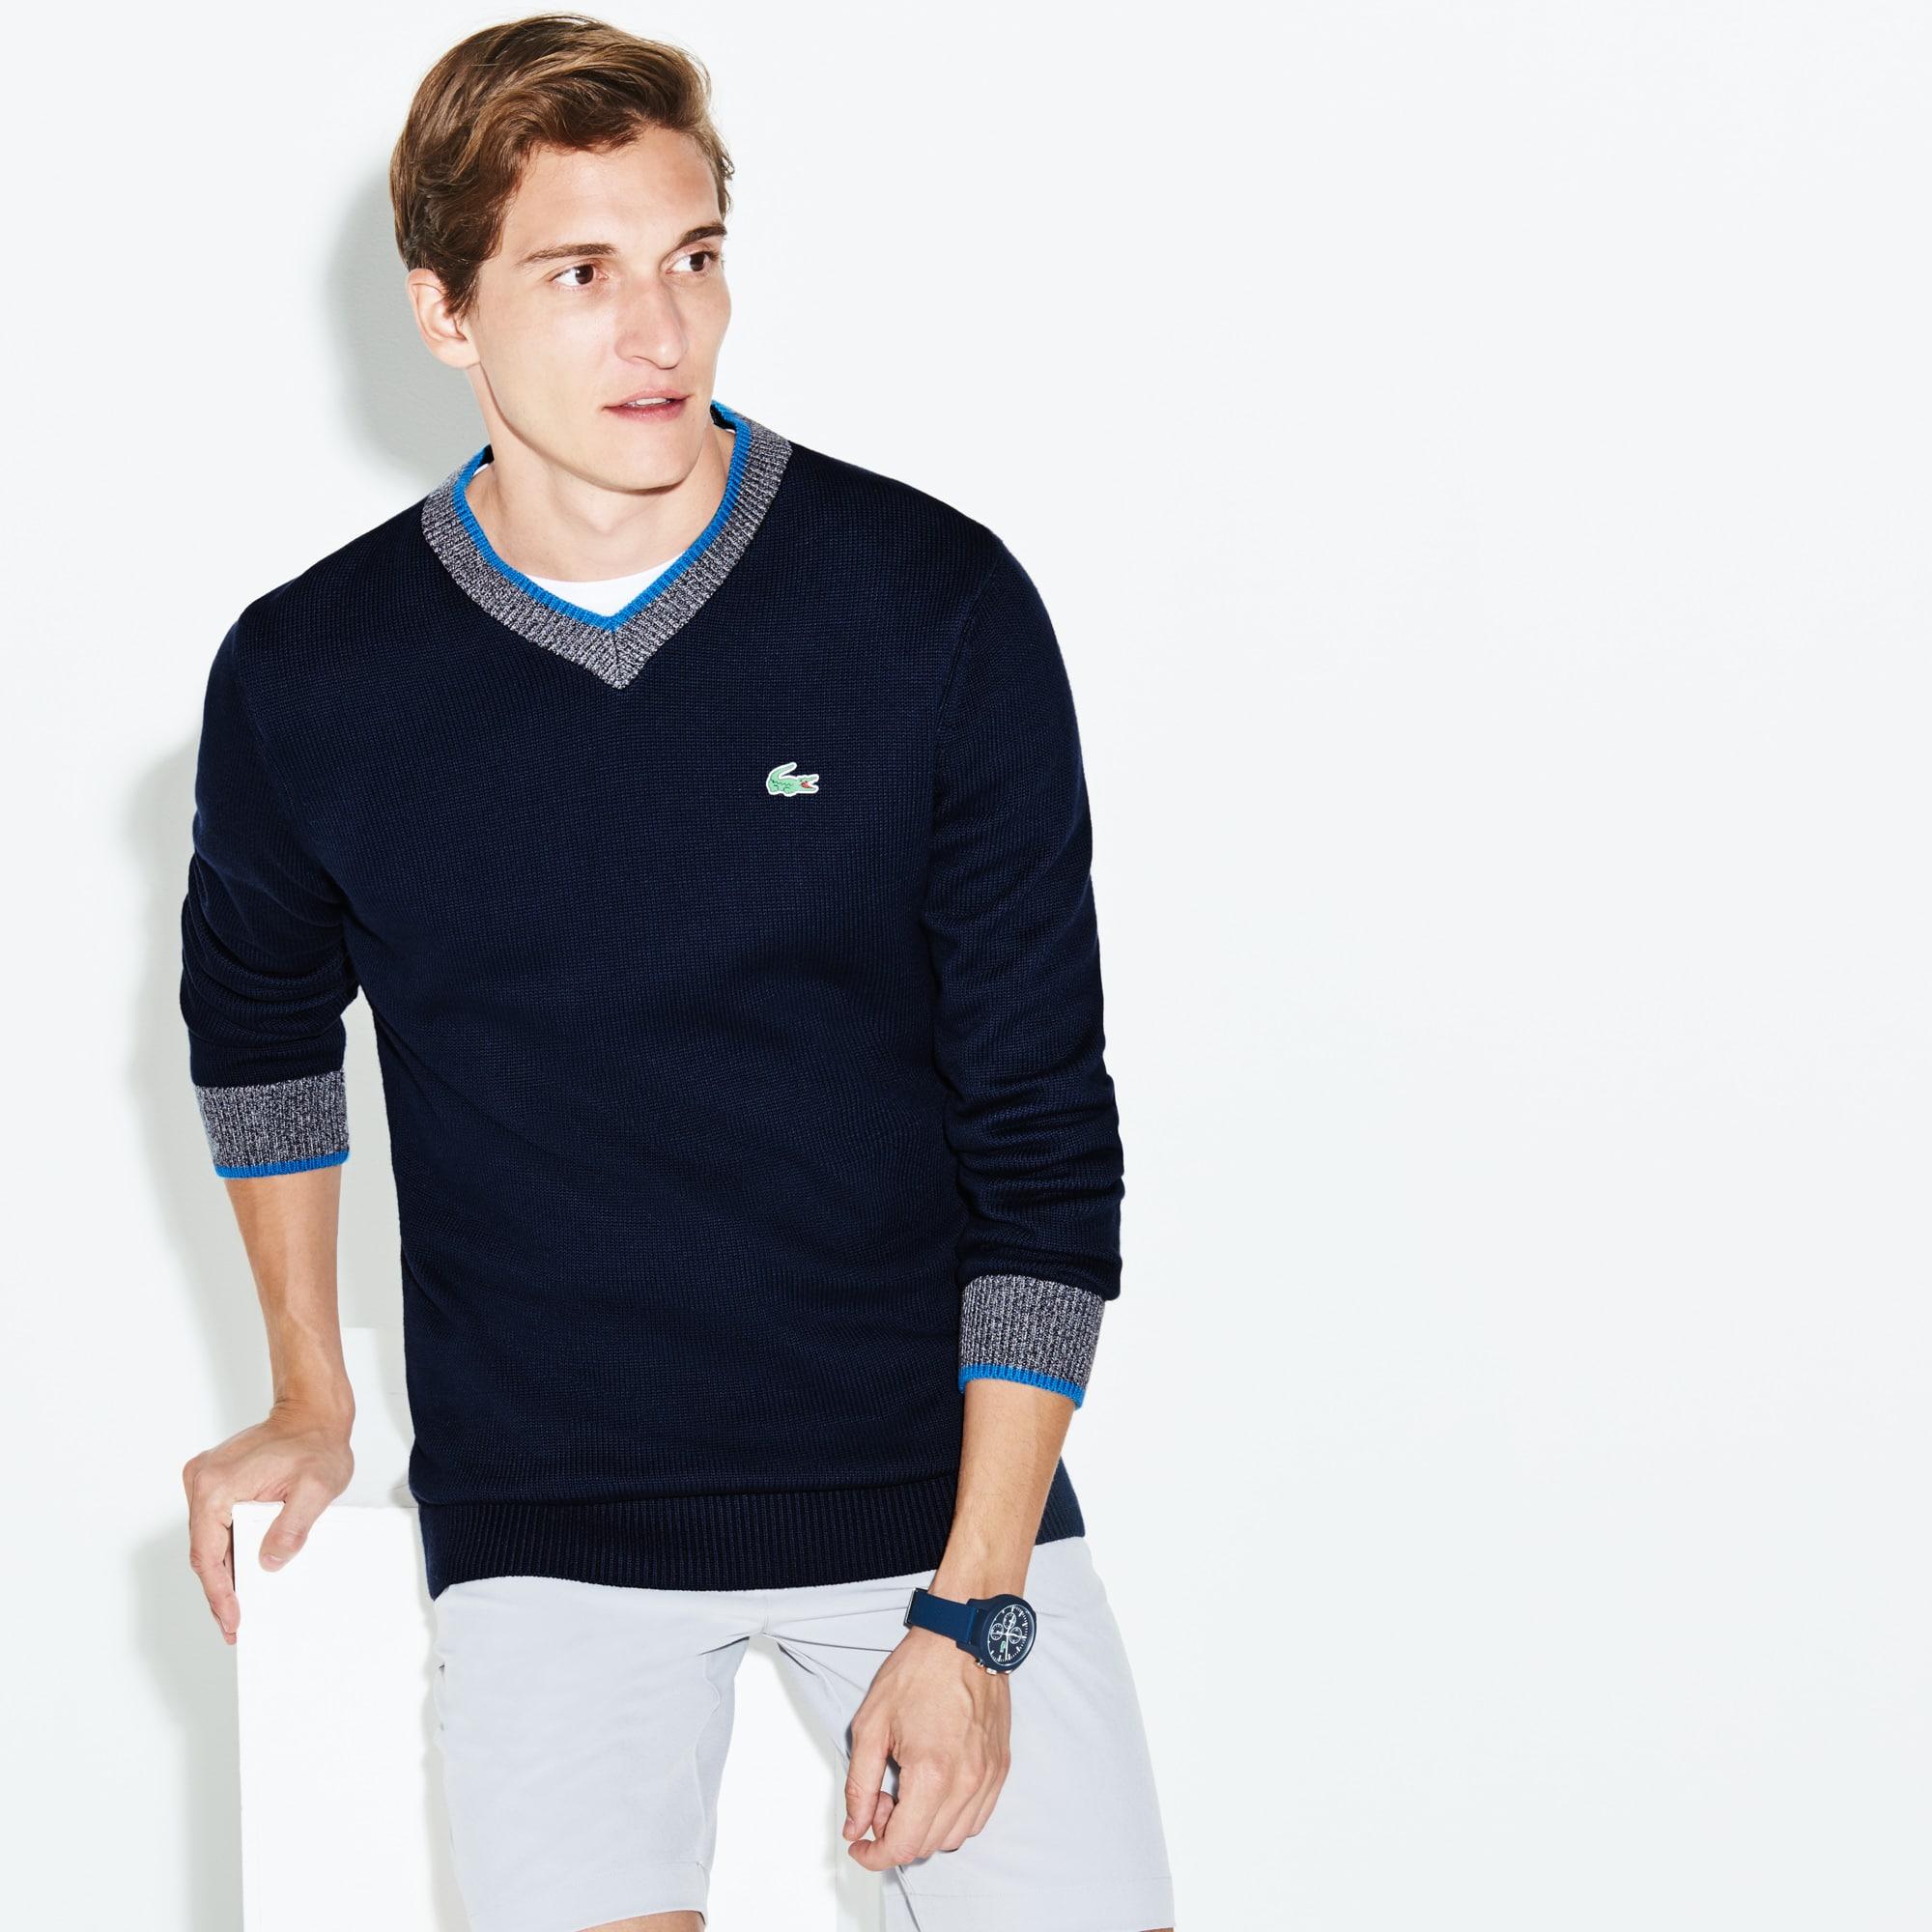 Lacoste SPORT Golf-sweater heren technisch katoenbreiwerk met V-hals